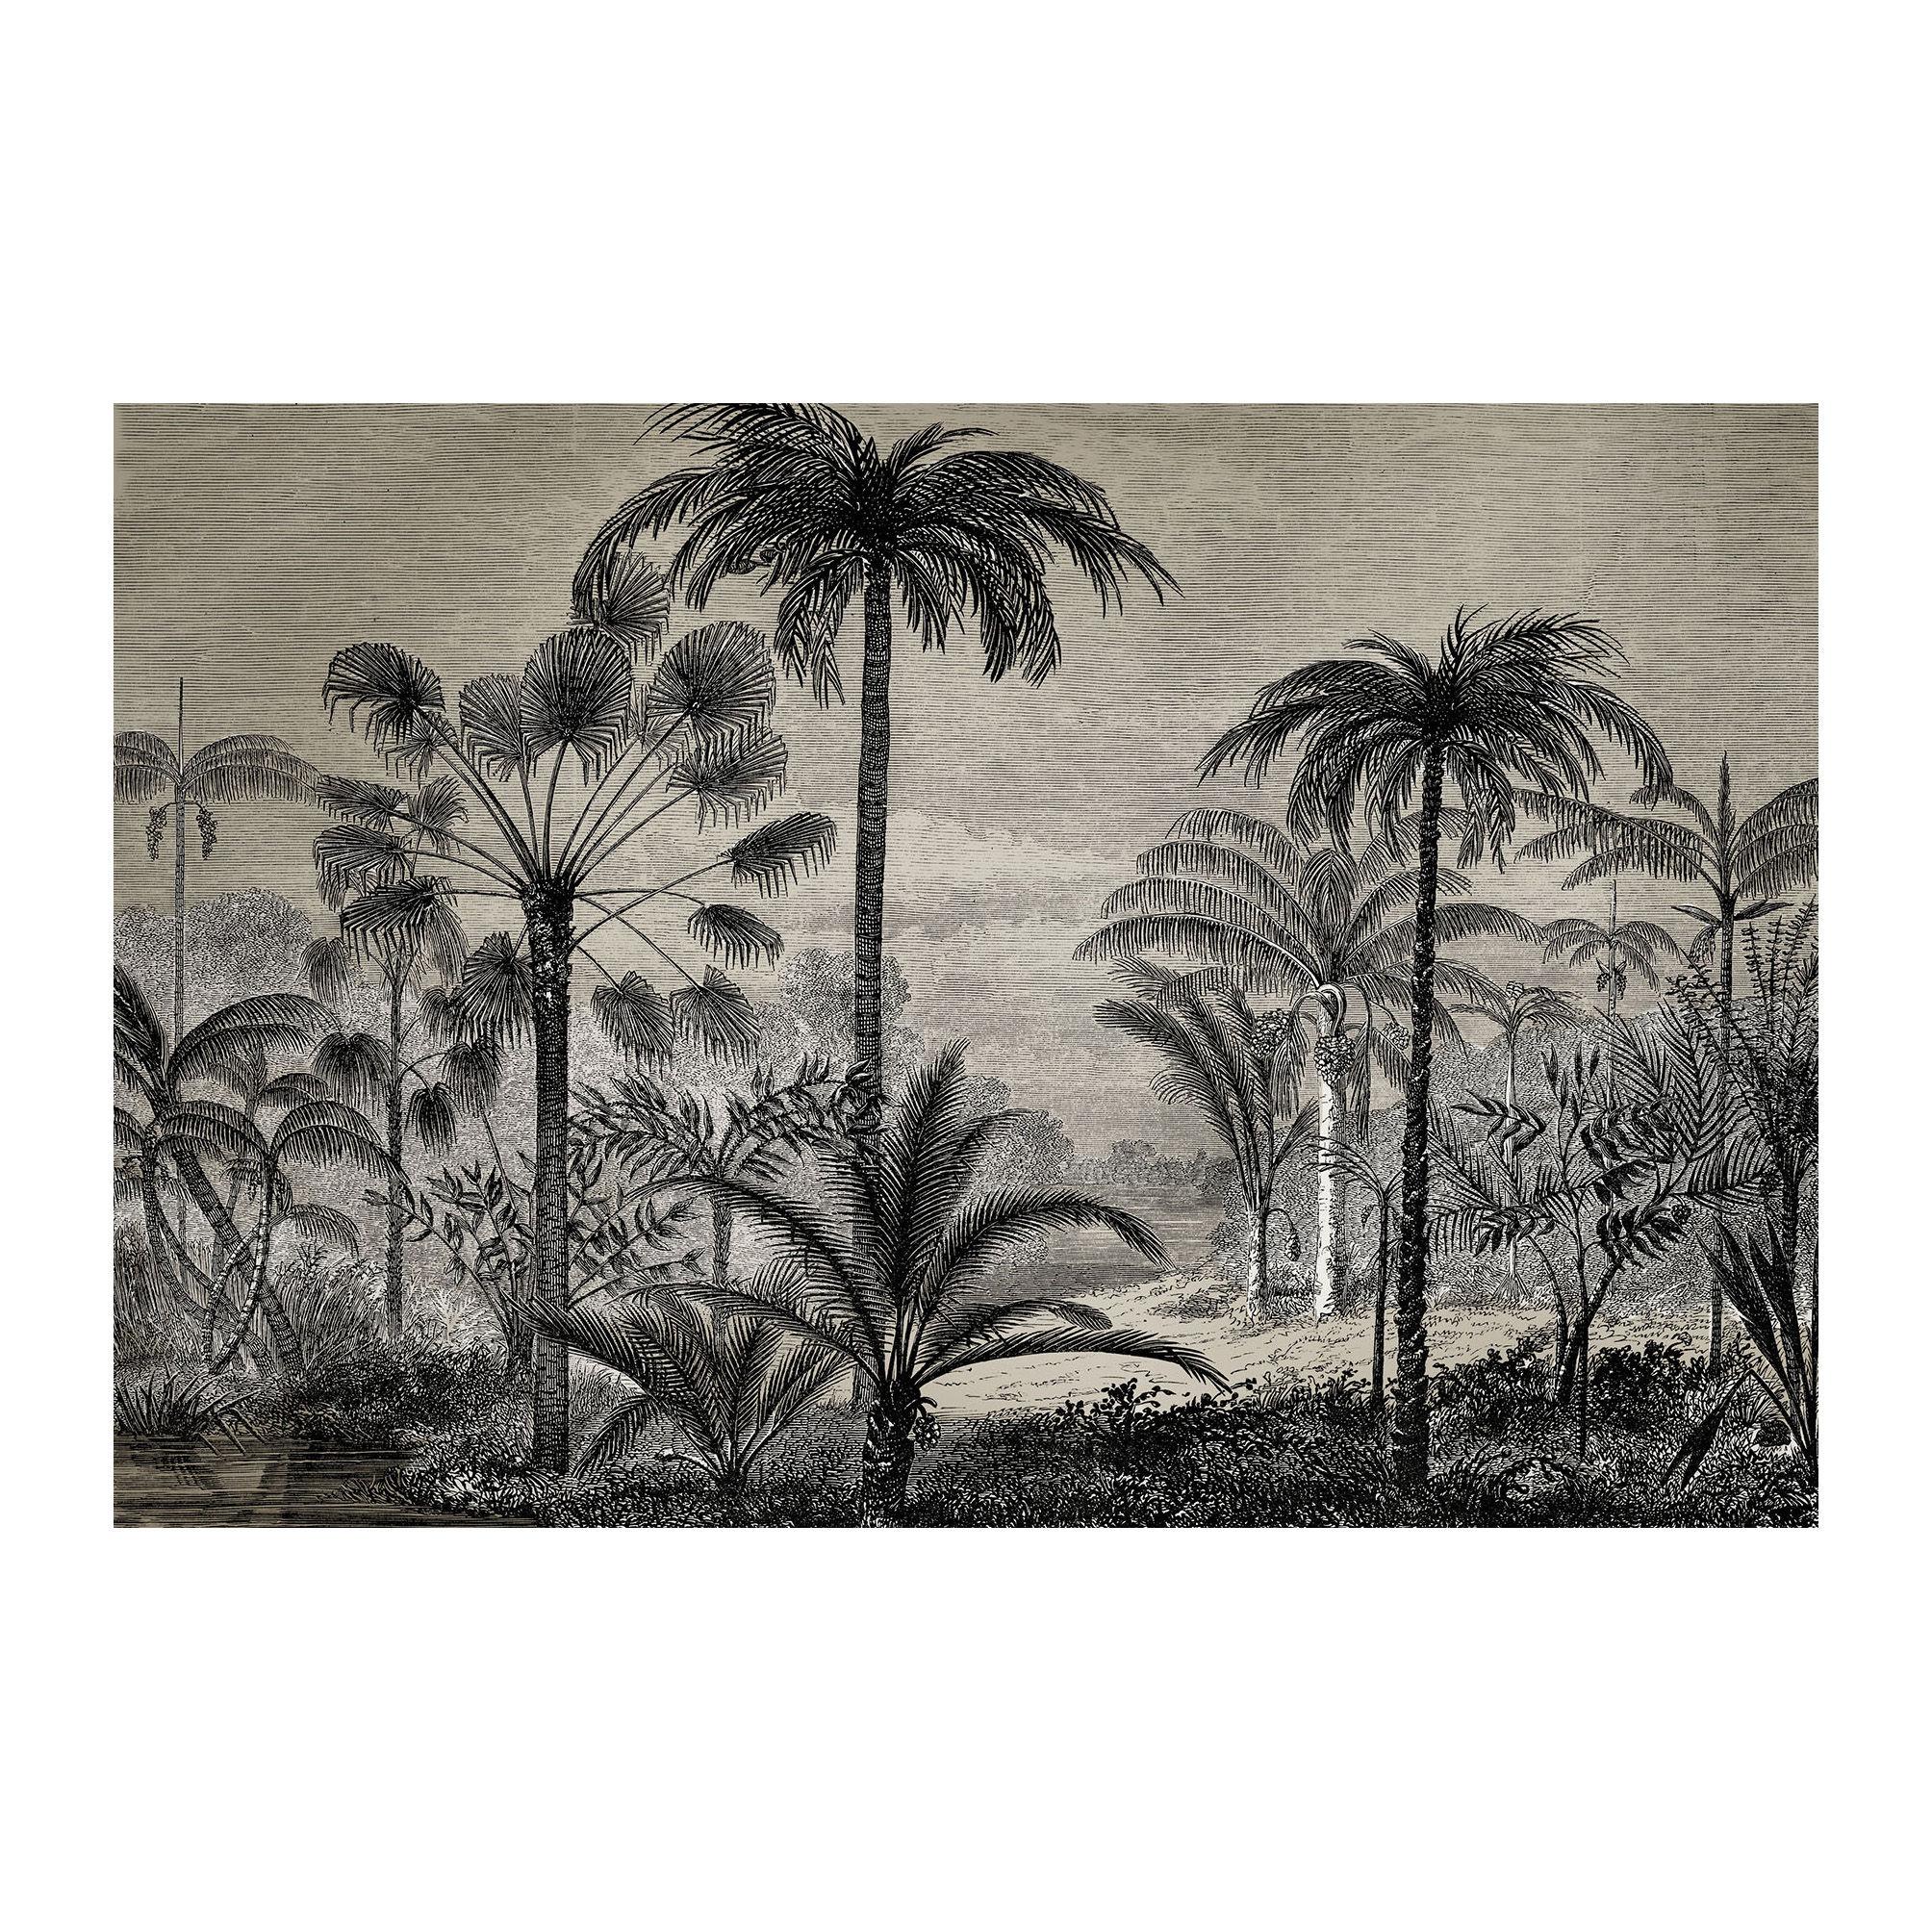 Dekoration - Teppiche - Tresors Teppich / 198 x 139 cm - Vinyl - Beaumont - Palmen Nr. 1 / Schwarz & weiß - Vinyl